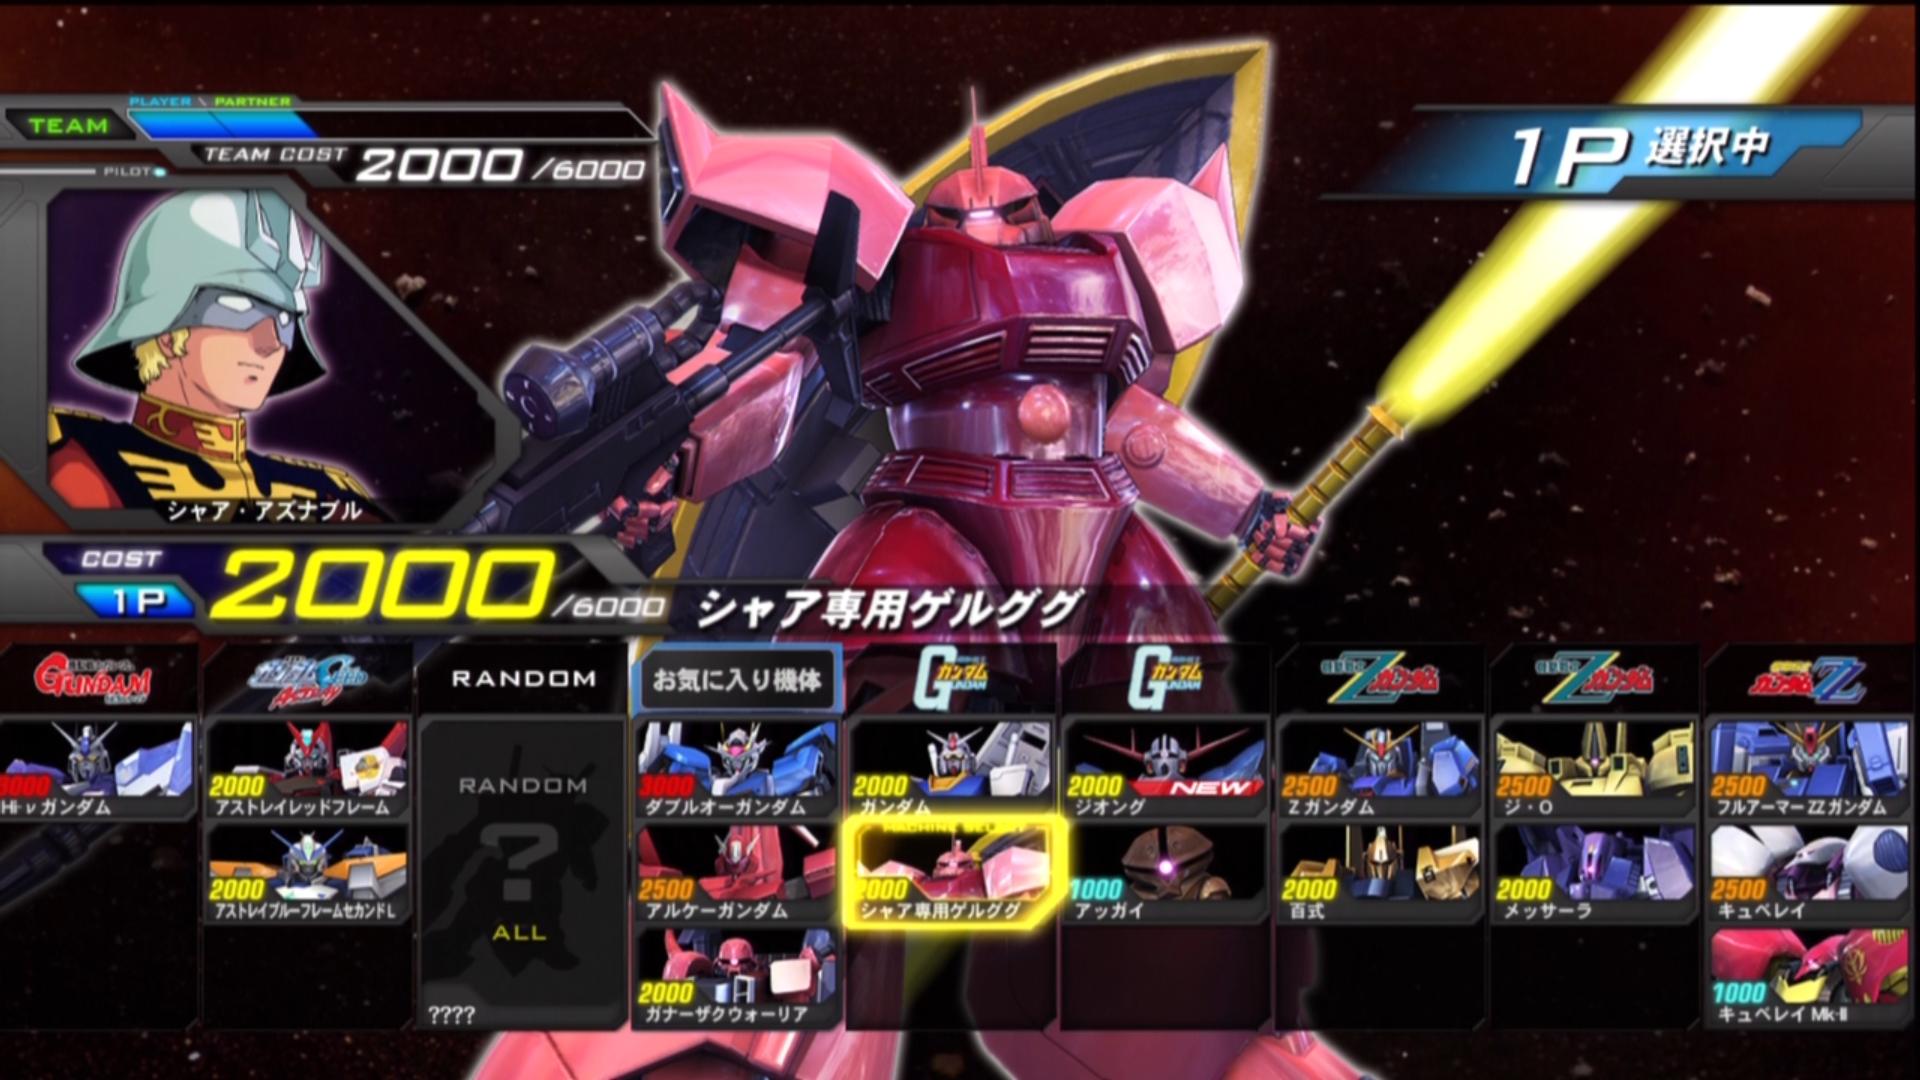 Index of imgGundam ImagesMobile Suit Gundam Classic 1920x1080